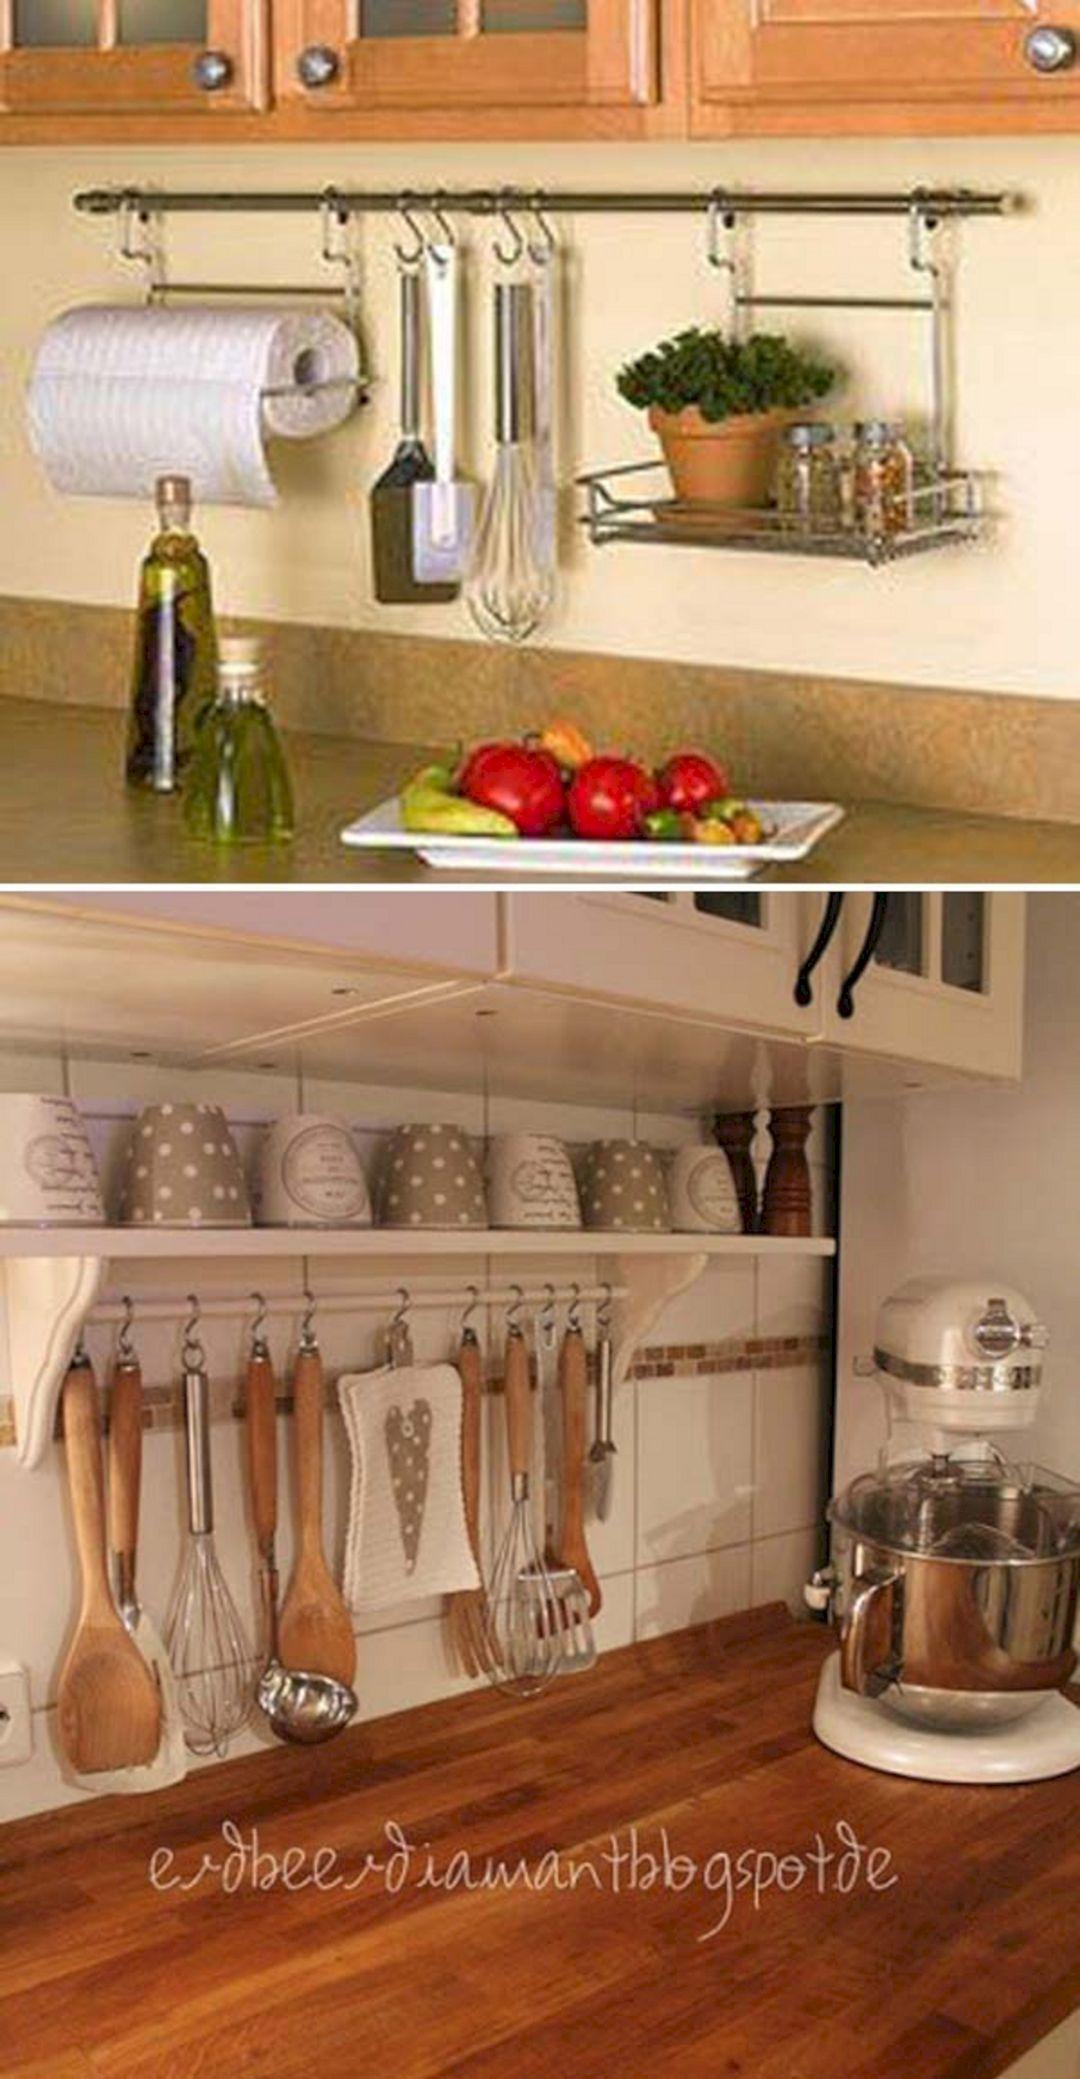 smallkitchenstorageideas   Apartment kitchen organization, Clutter ...